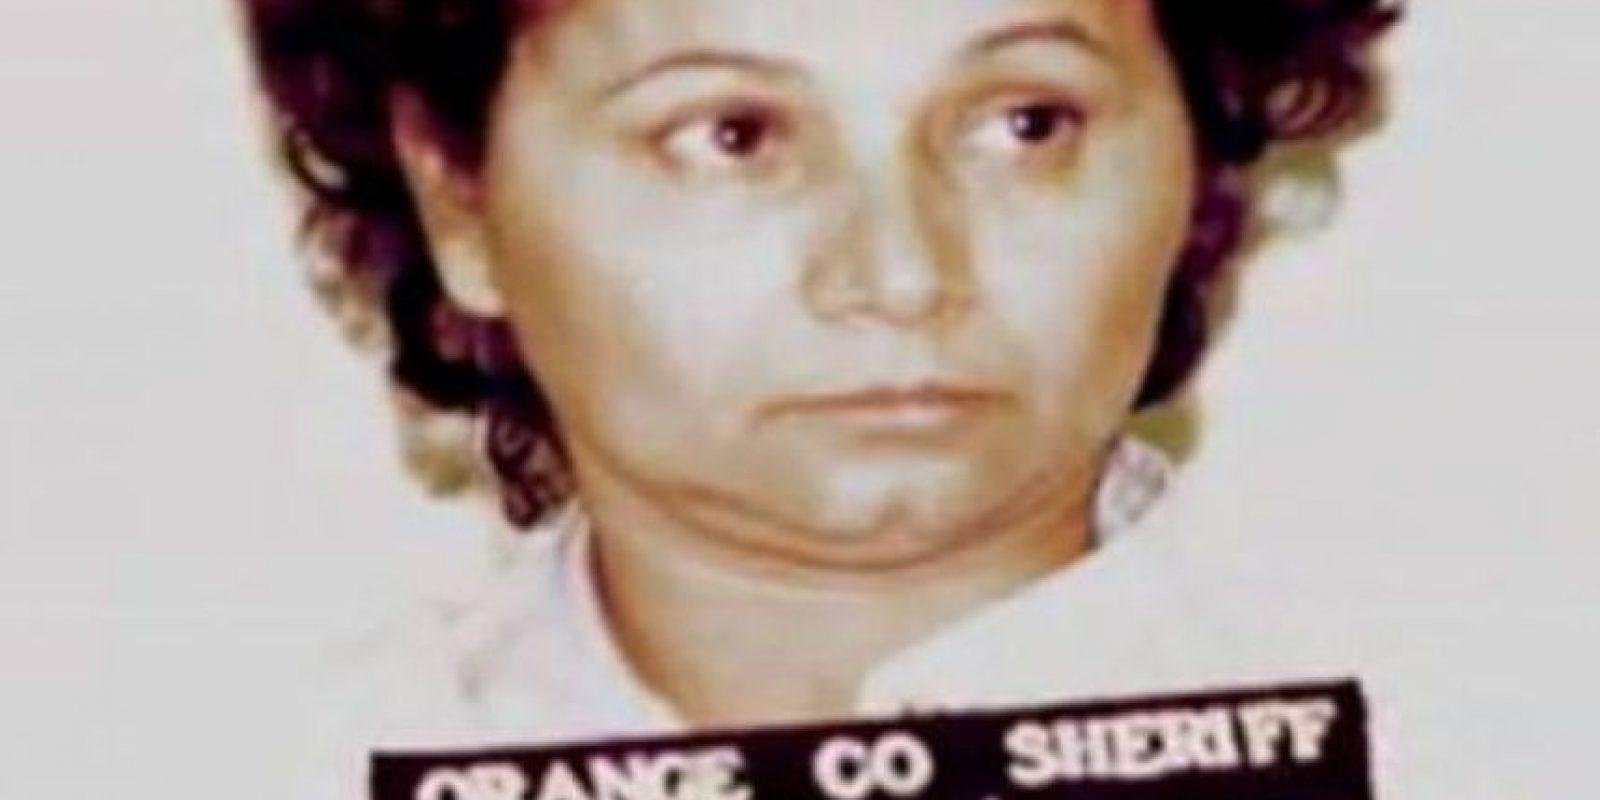 Mataba personalmente a sus deudores. Se encargaba de que no hubiesen testigos de sus crímenes. Foto:vía Orange Co Sheriff